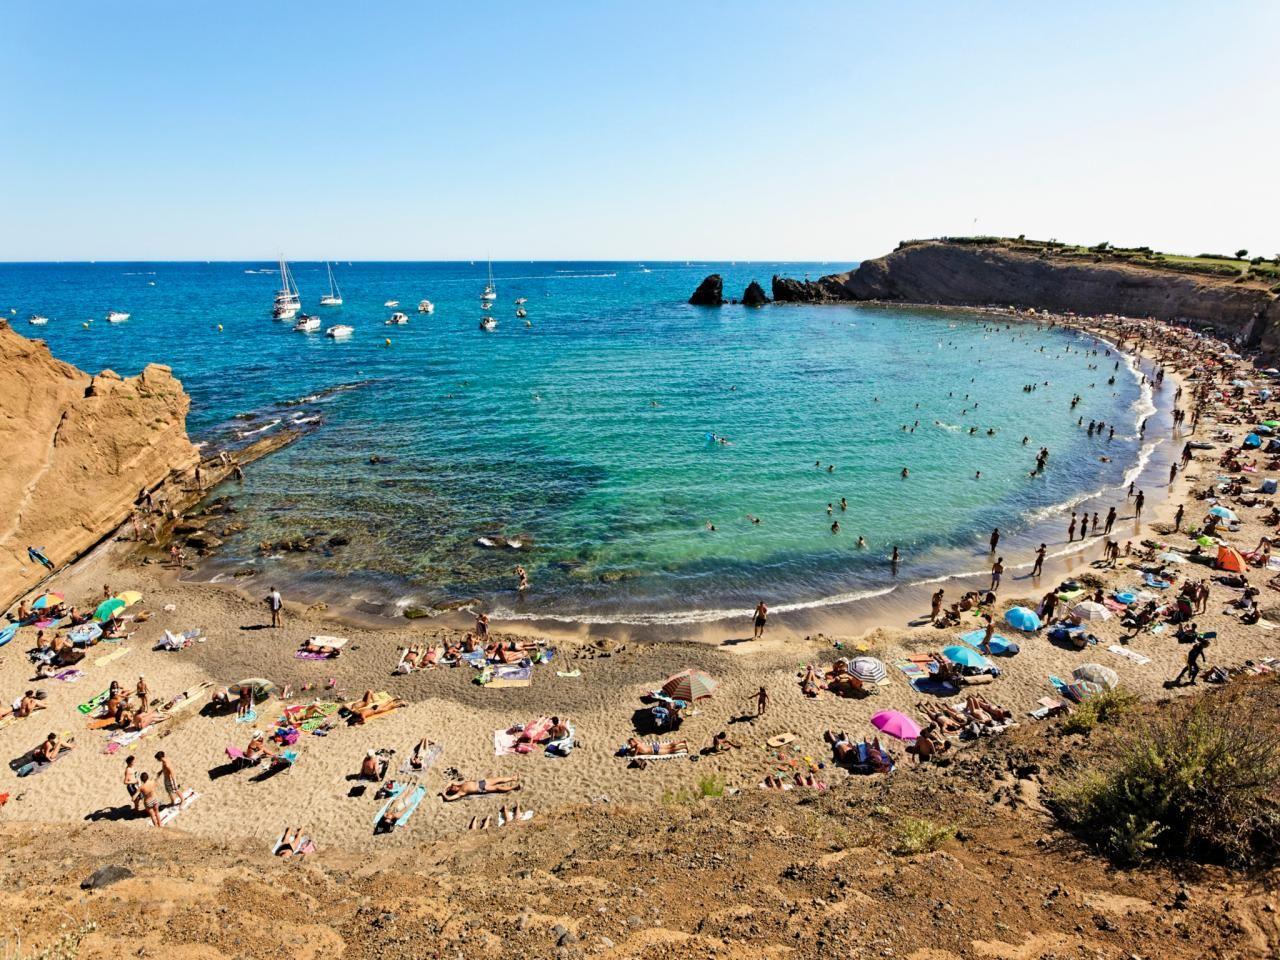 Französisch Riviera topless